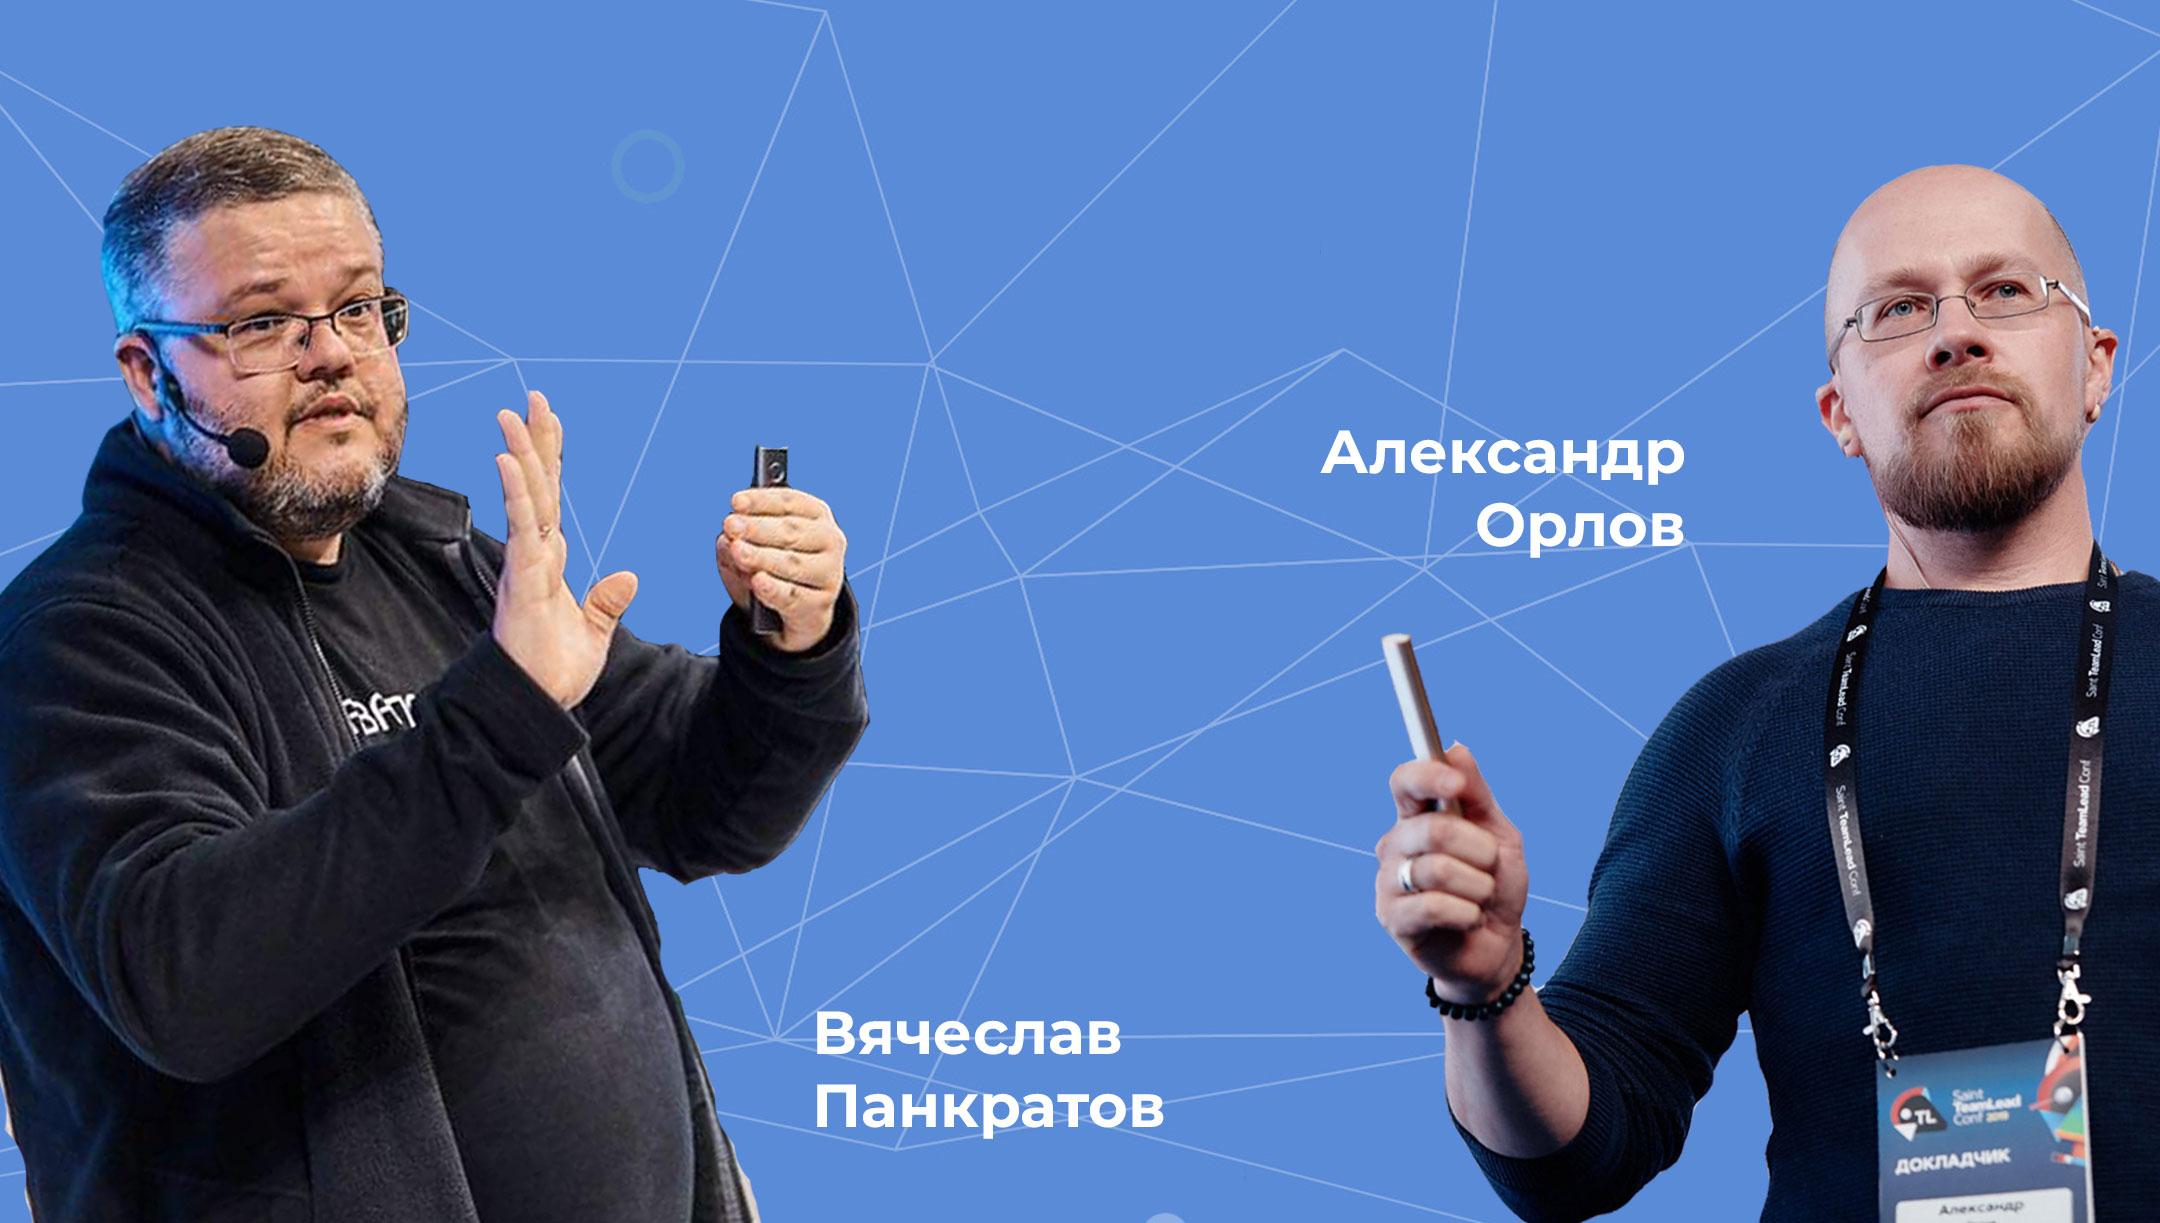 Создатели Школы менеджеров «Стратоплан»: личное дело основателей